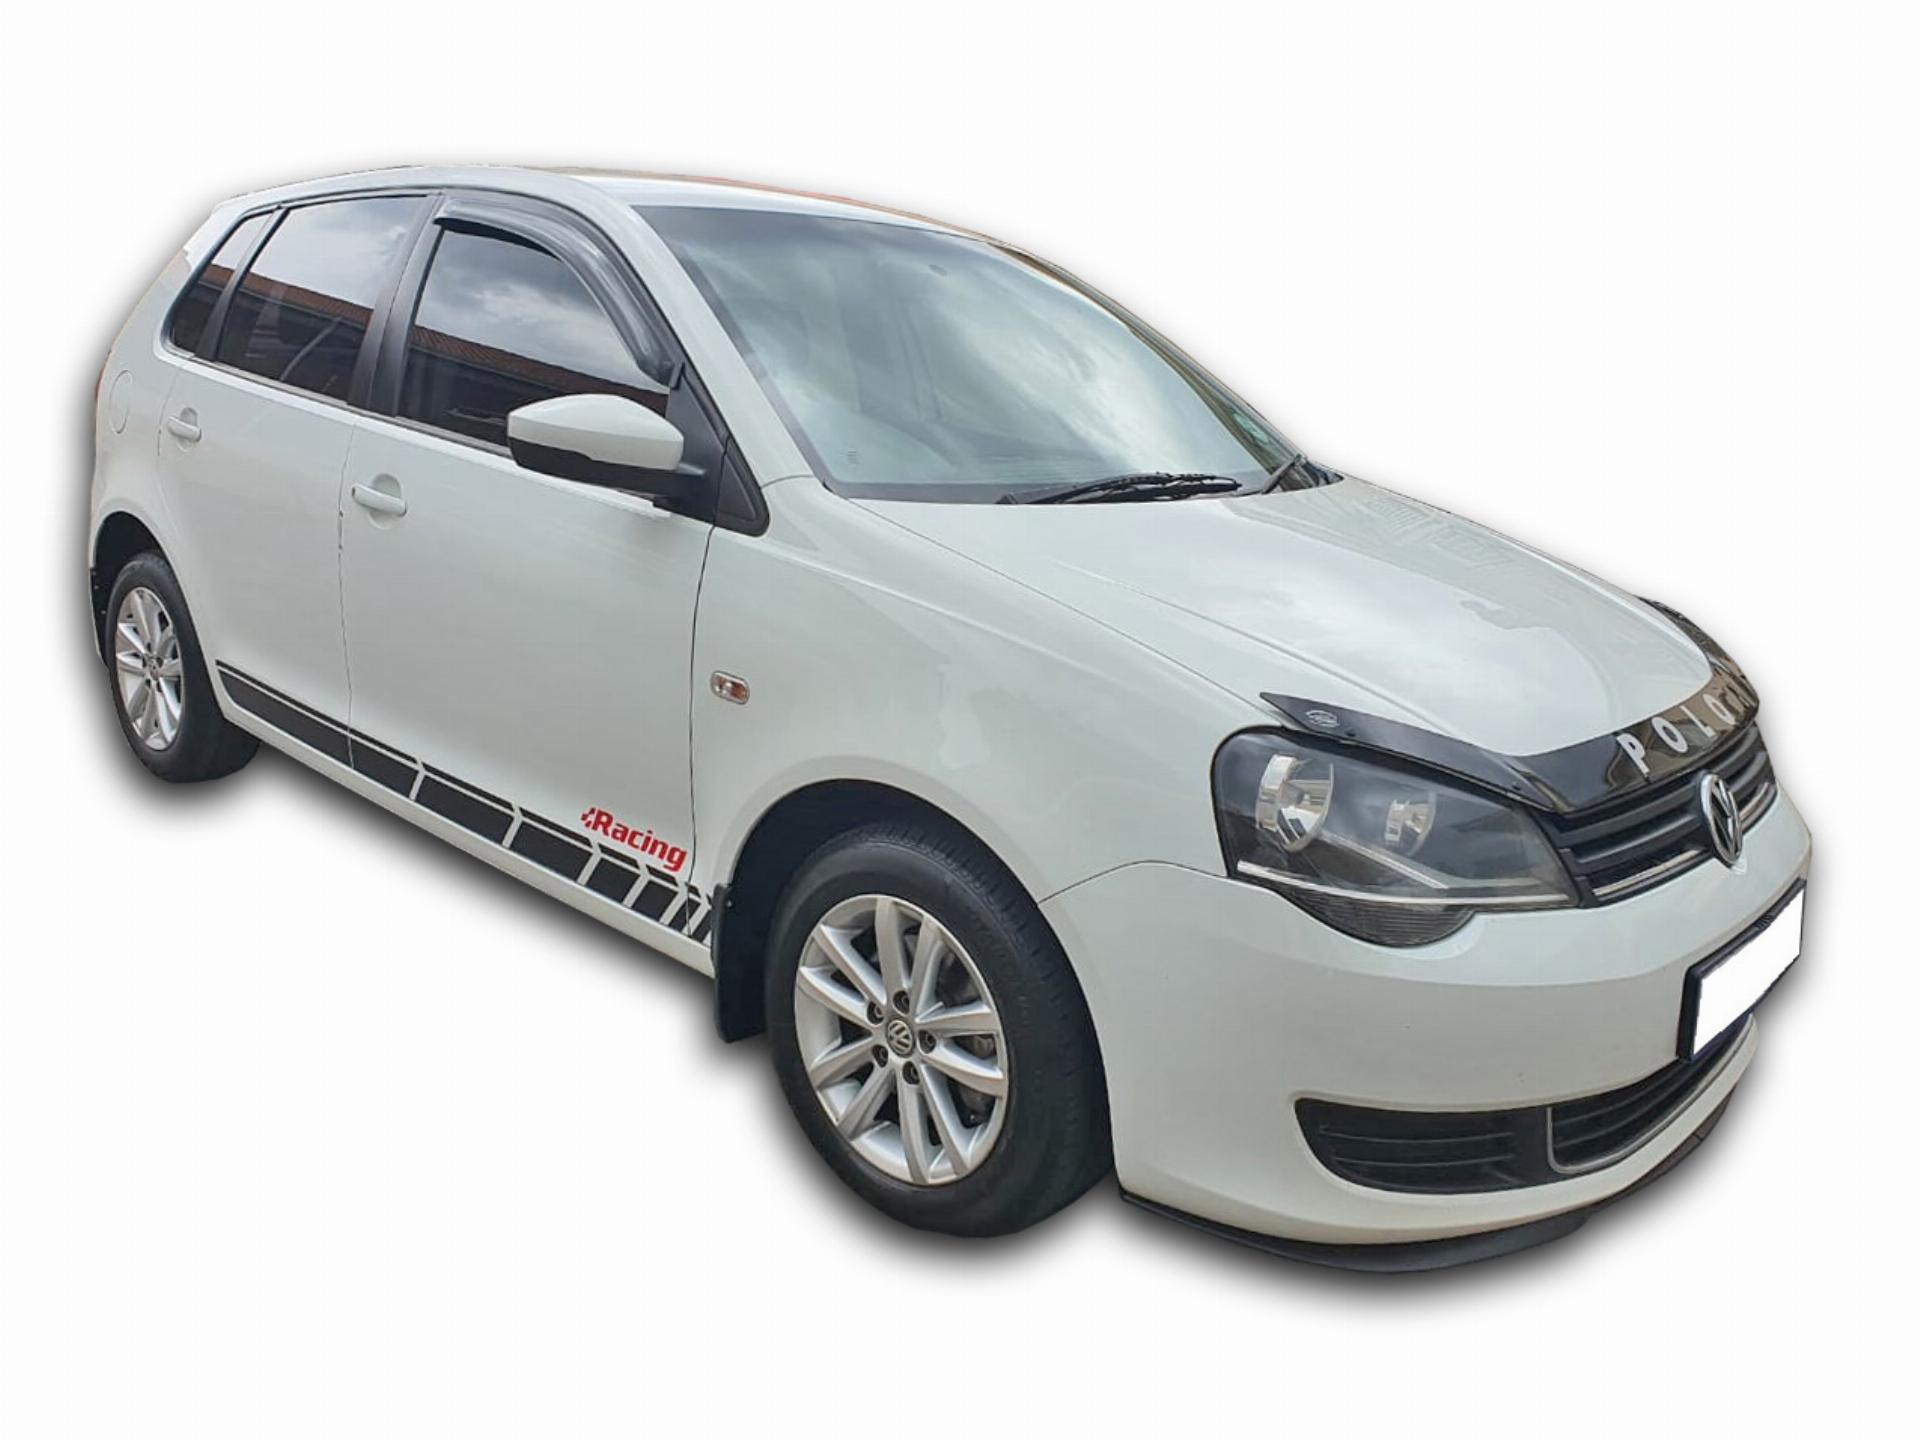 VW Polo 1.4 Vivo GP Trendline